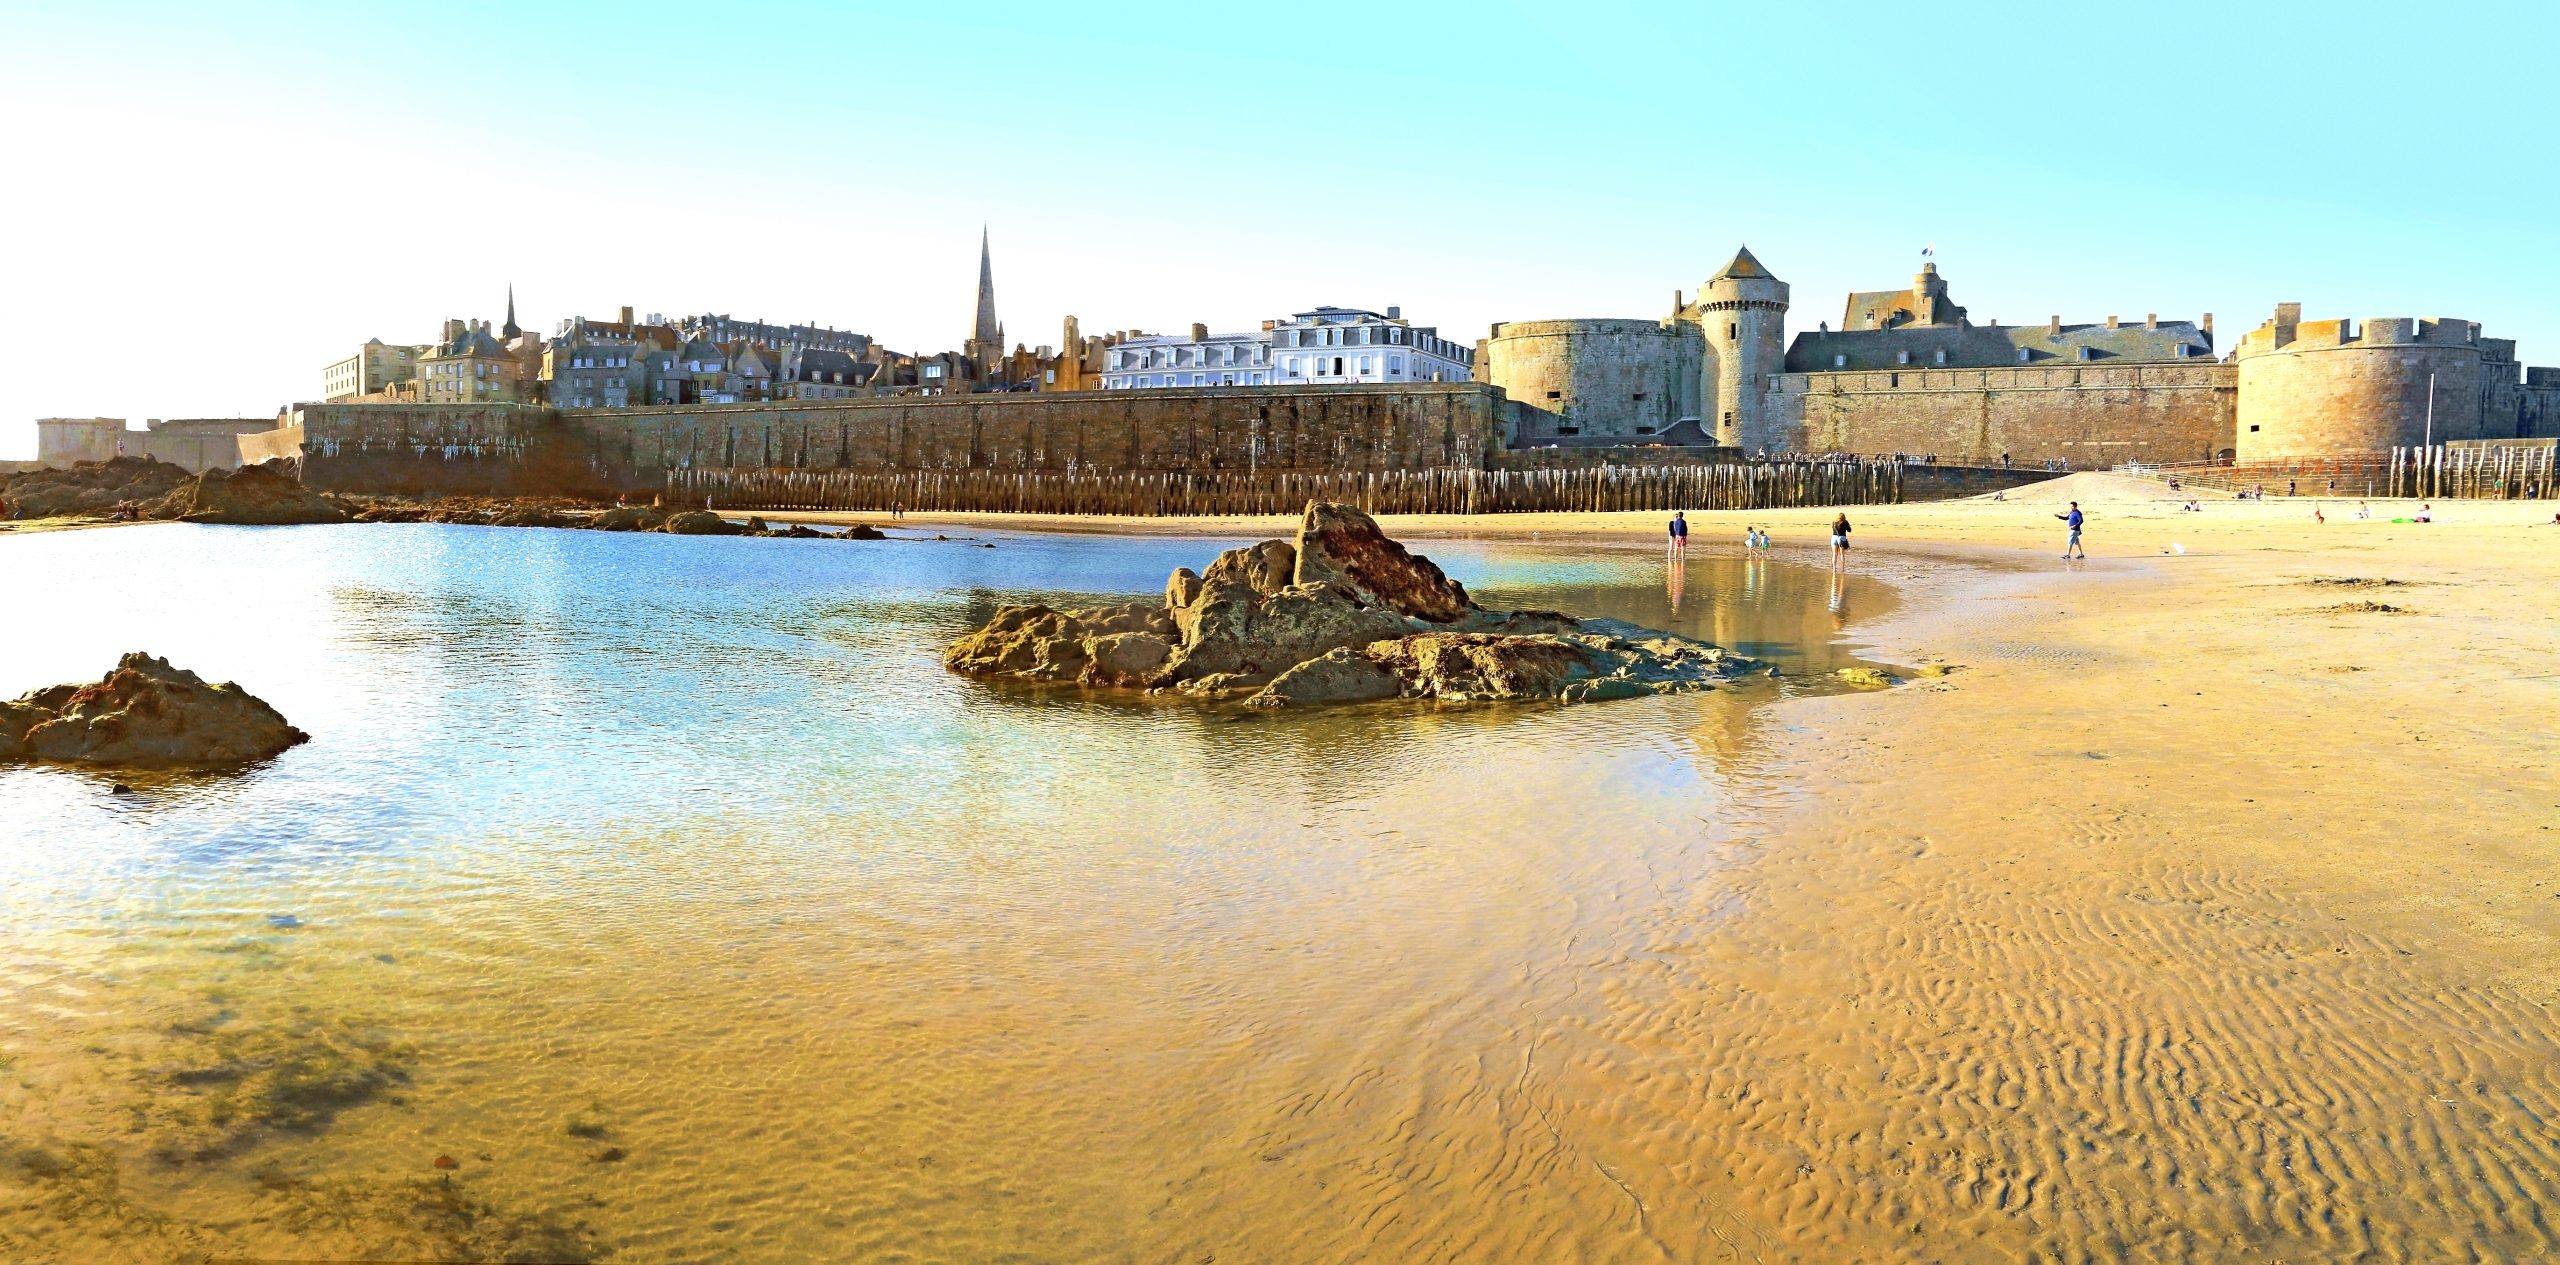 Plage de Saint-Malo, celle de Fort National parmi les plus belle de France